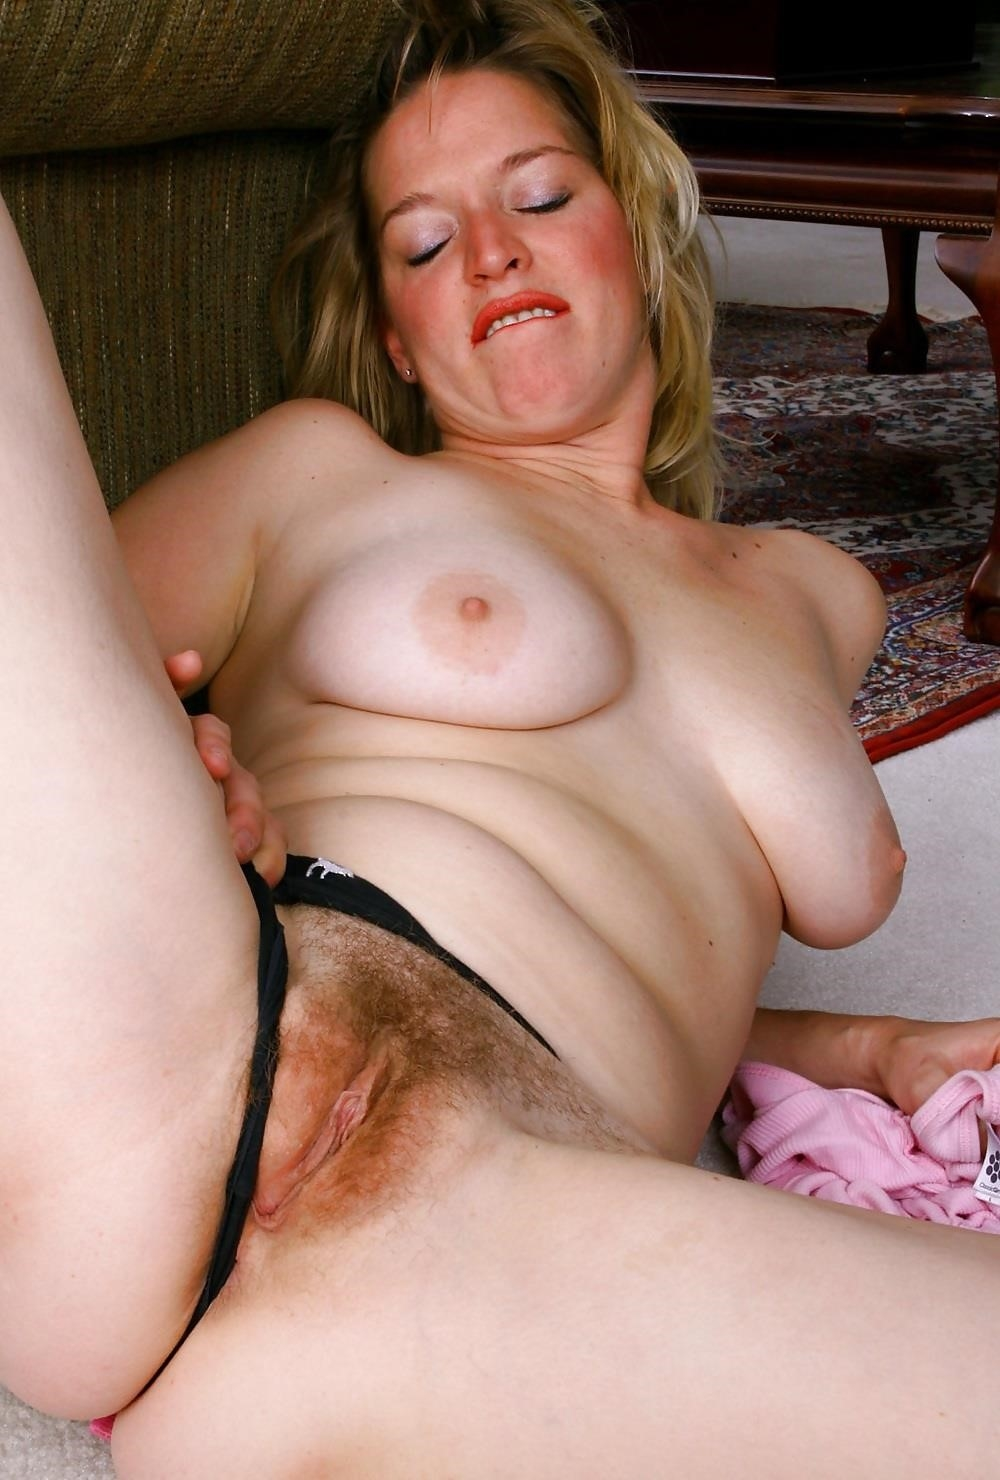 Solo mature porn pics-5383